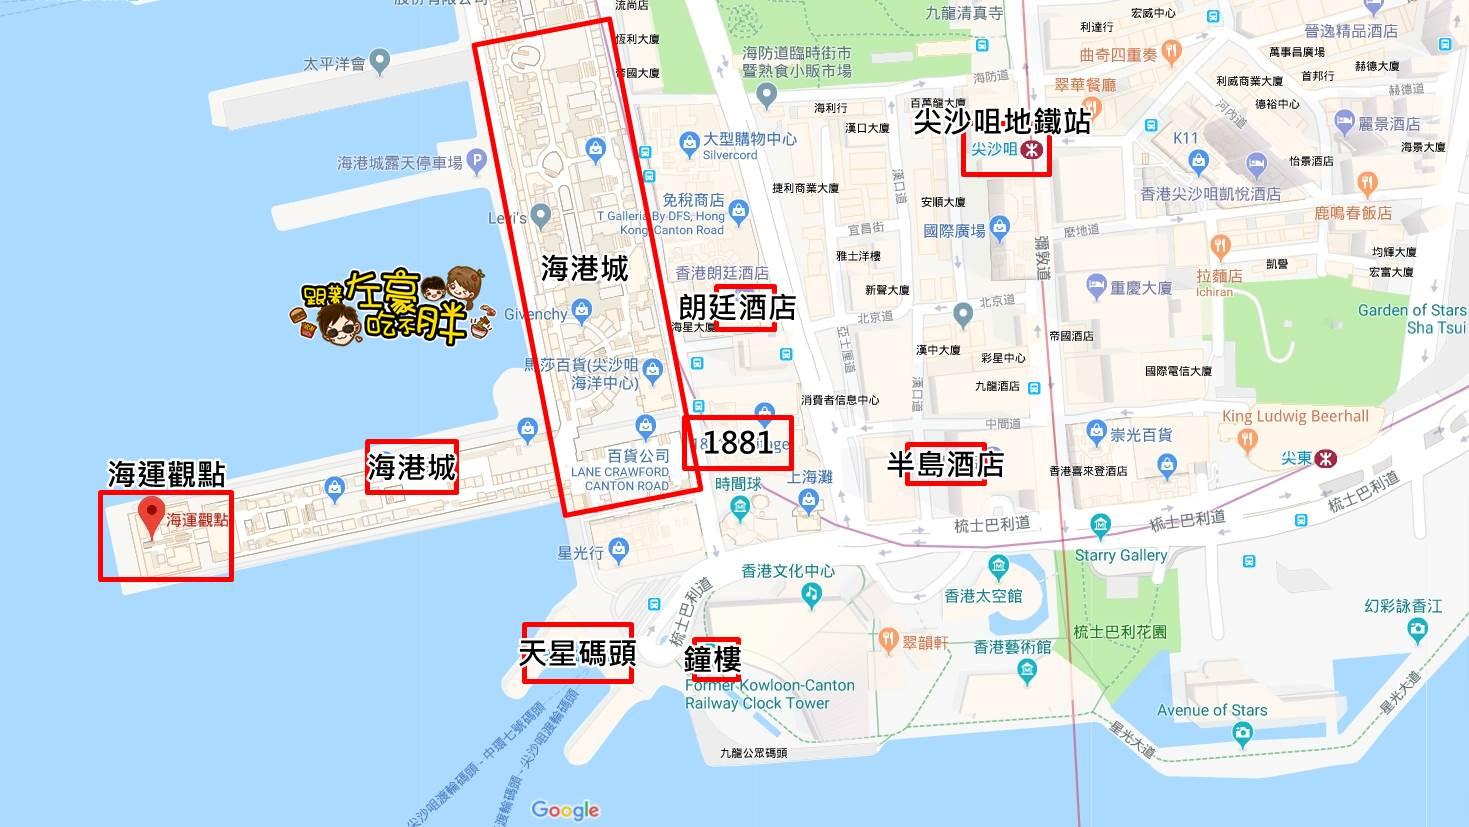 海運觀點地圖-2